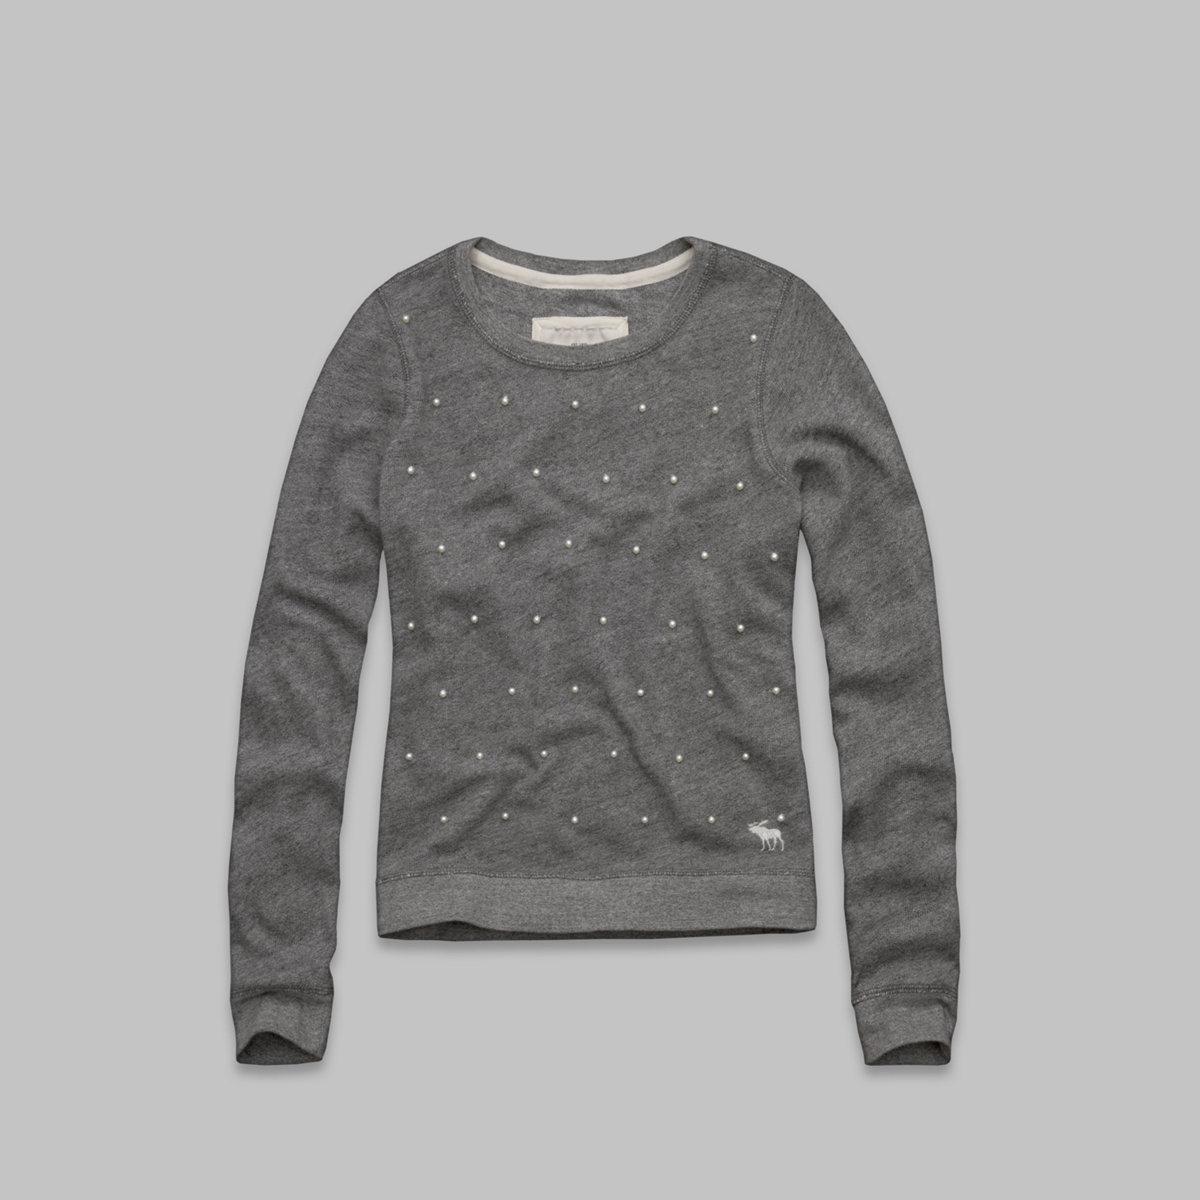 Chelsea Shine Sweatshirt